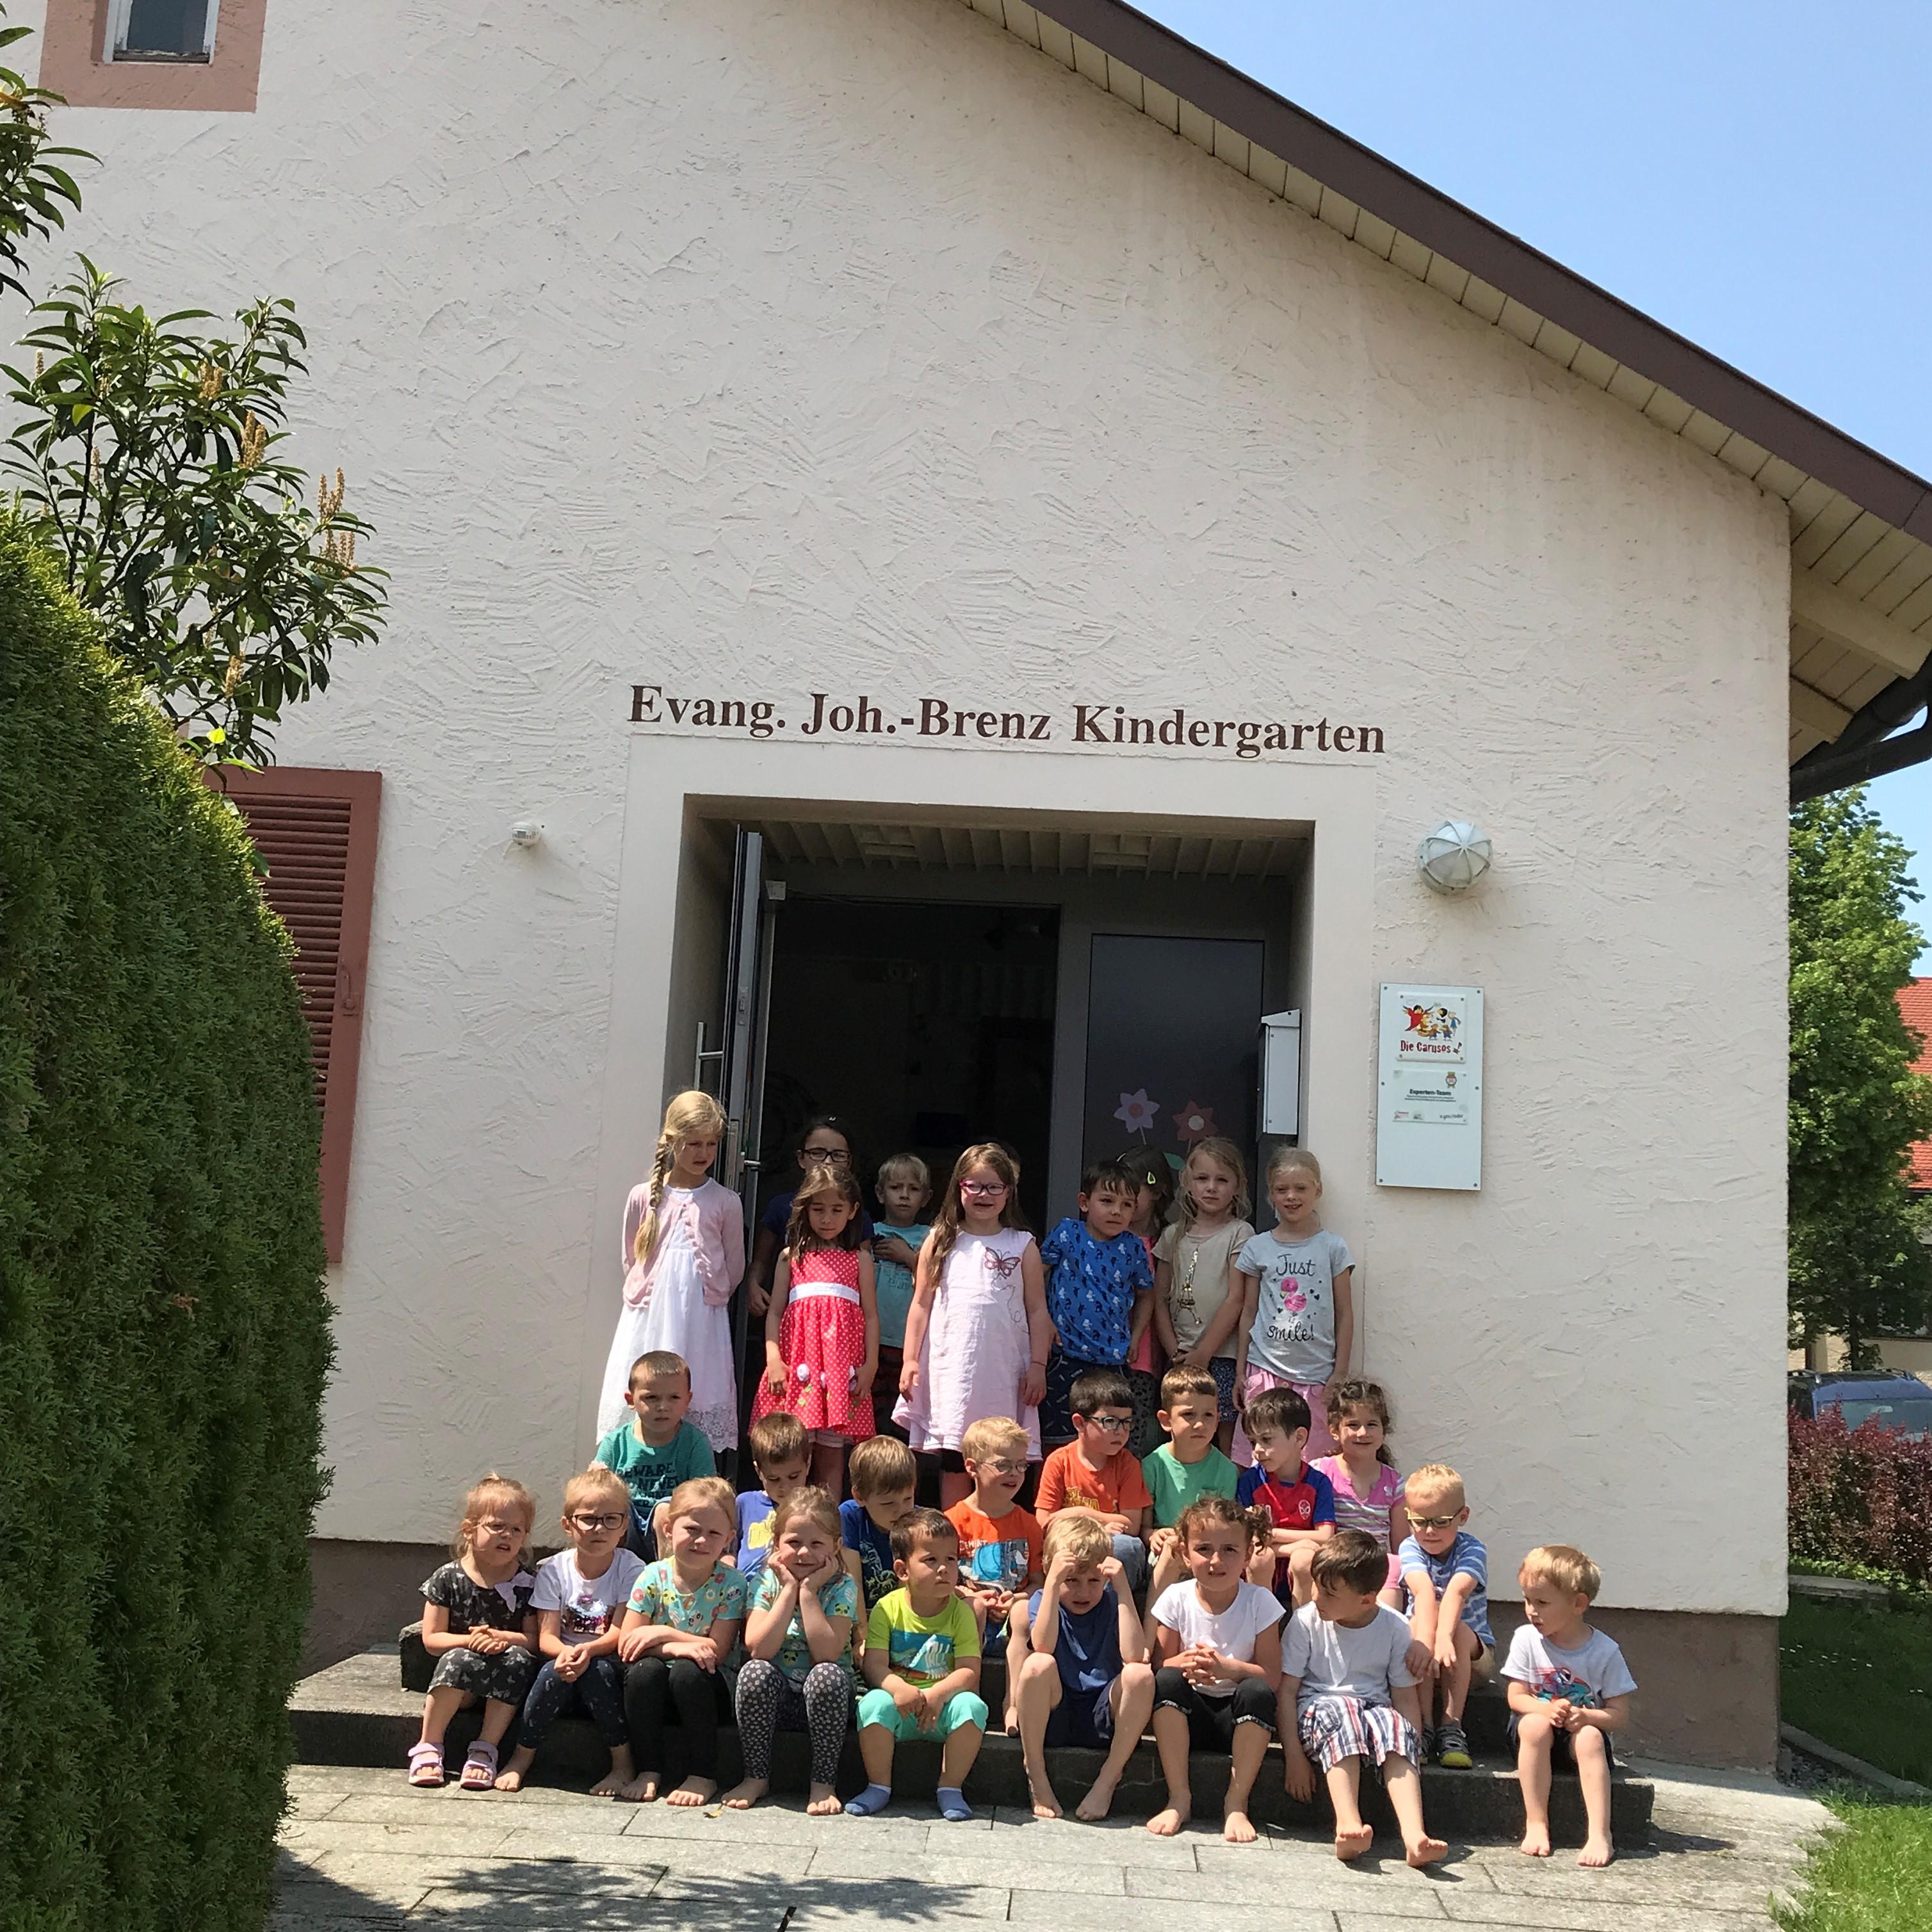 Johannes-Brenz Kindergarten